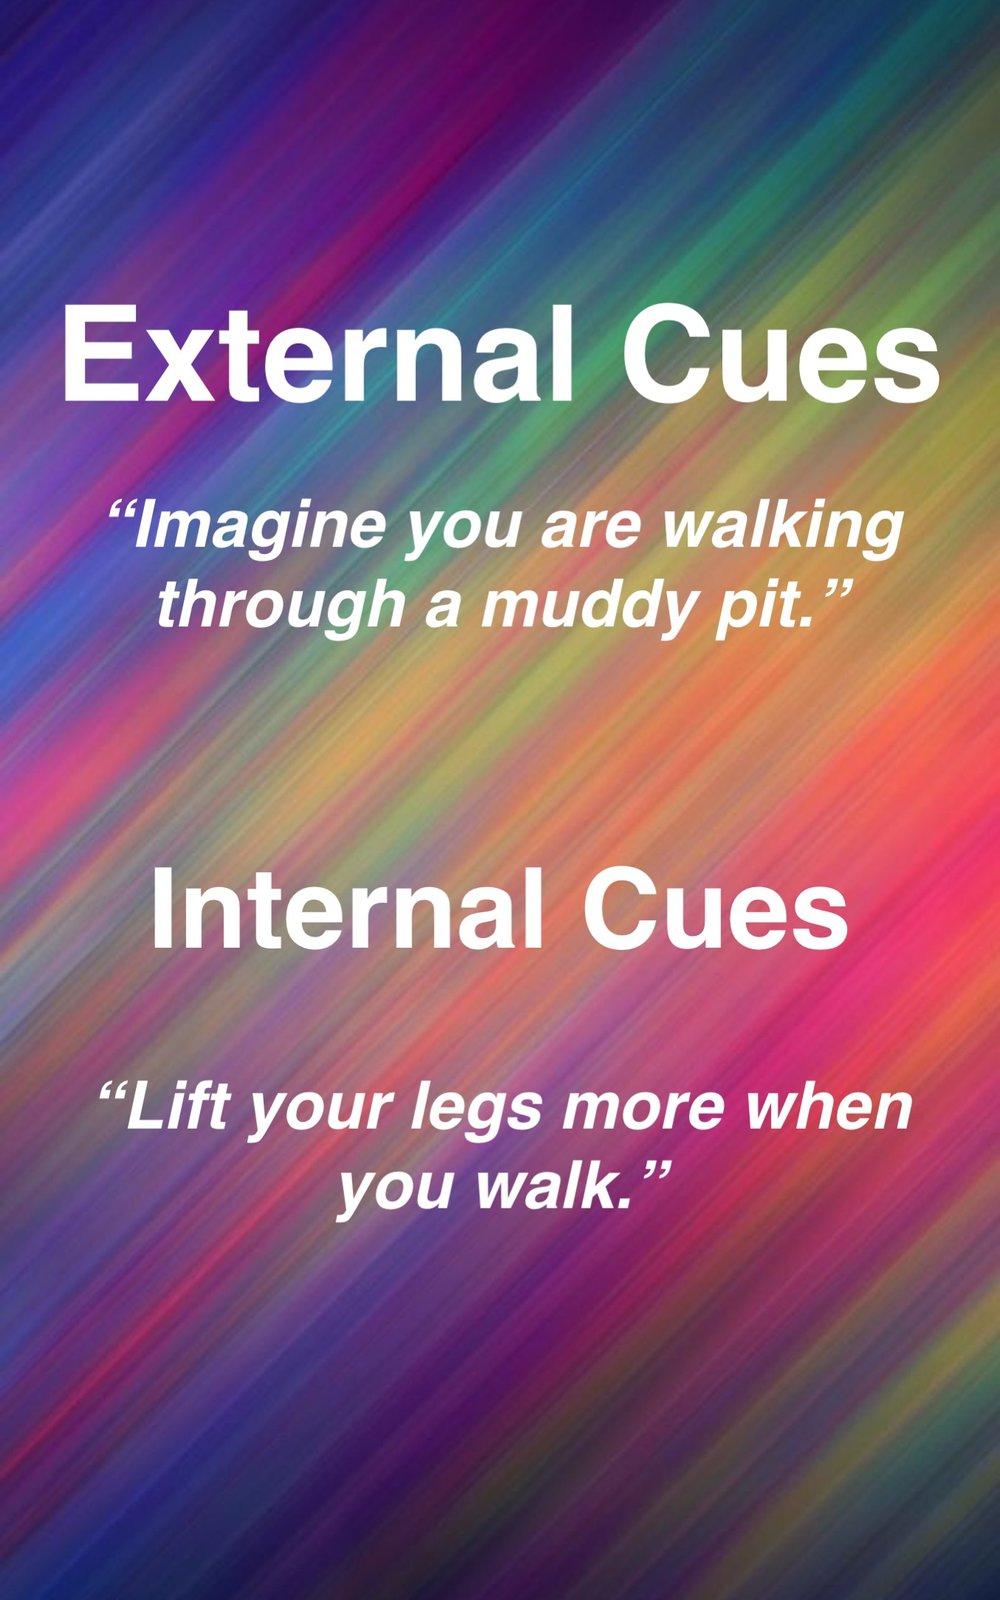 External Cues11.jpg